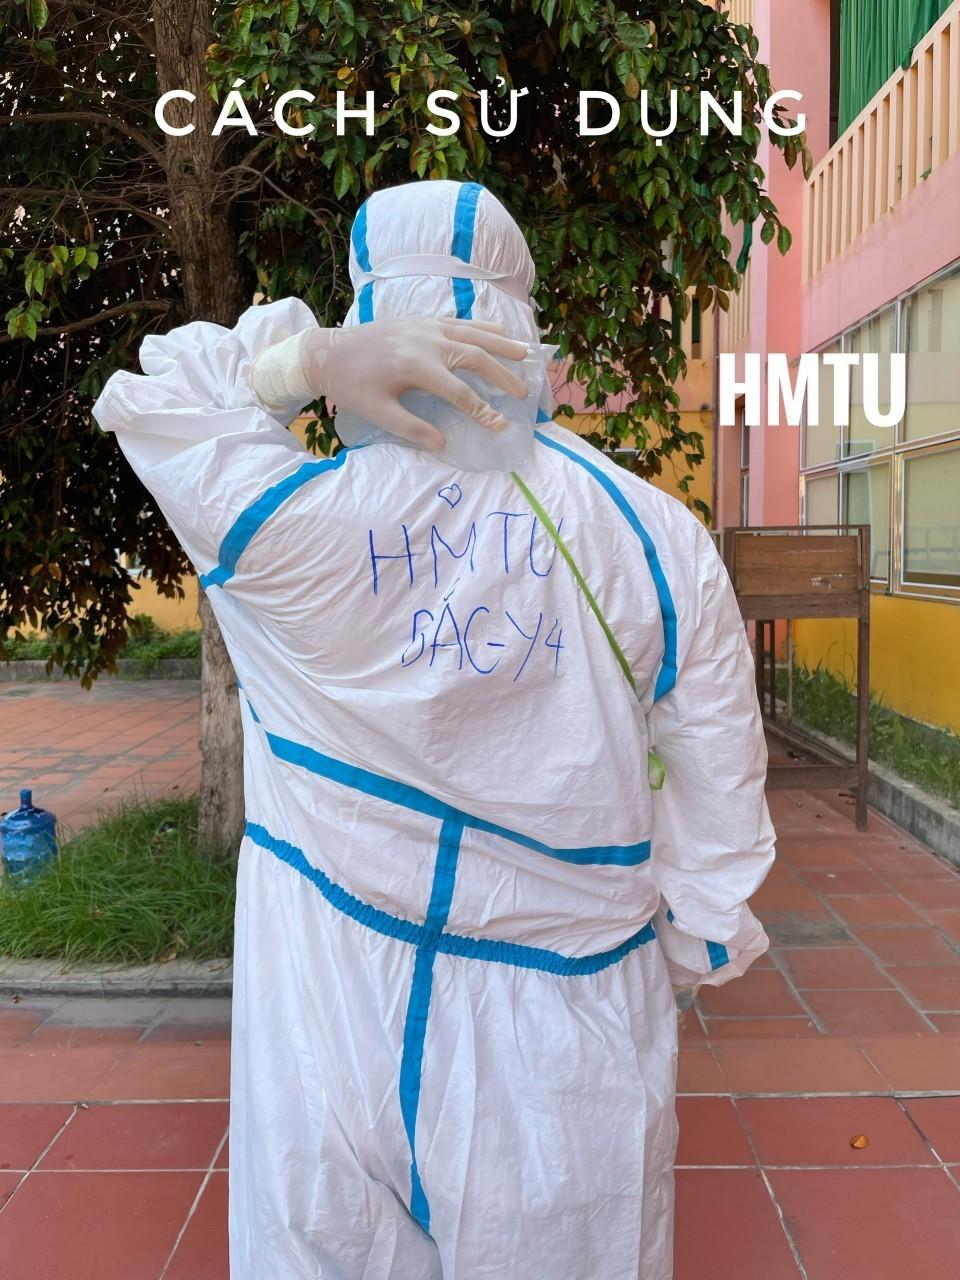 Lý do đội lấy mẫu tâm dịch Bắc Giang đeo túi đá trên người suốt ngày đêm